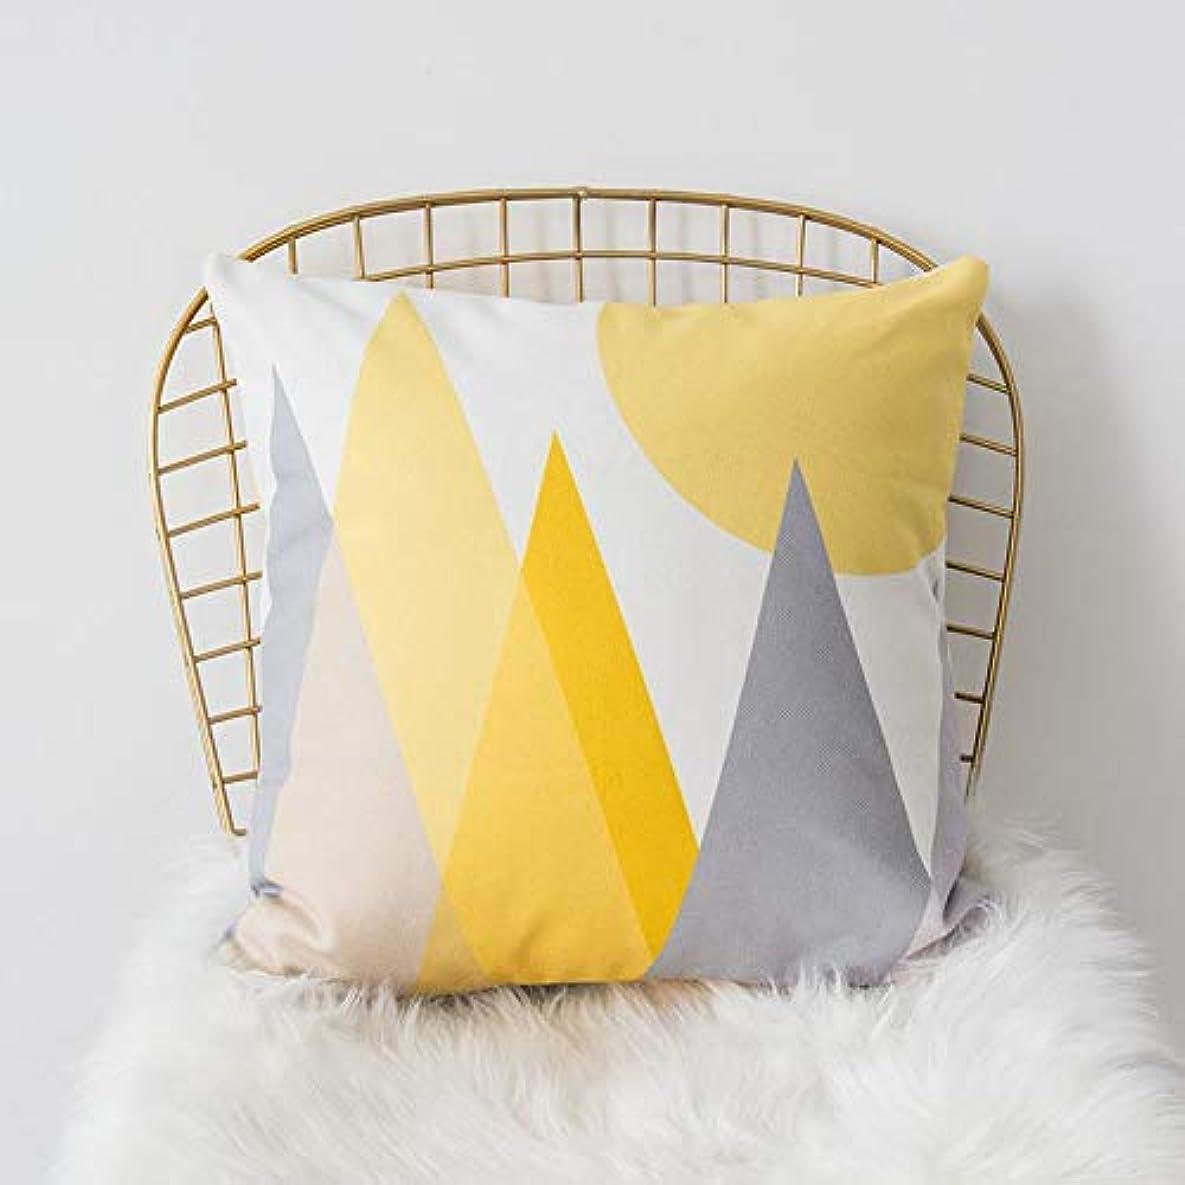 ドロー十億カロリーLIFE 黄色グレー枕北欧スタイル黄色ヘラジカ幾何枕リビングルームのインテリアソファクッション Cojines 装飾良質 クッション 椅子